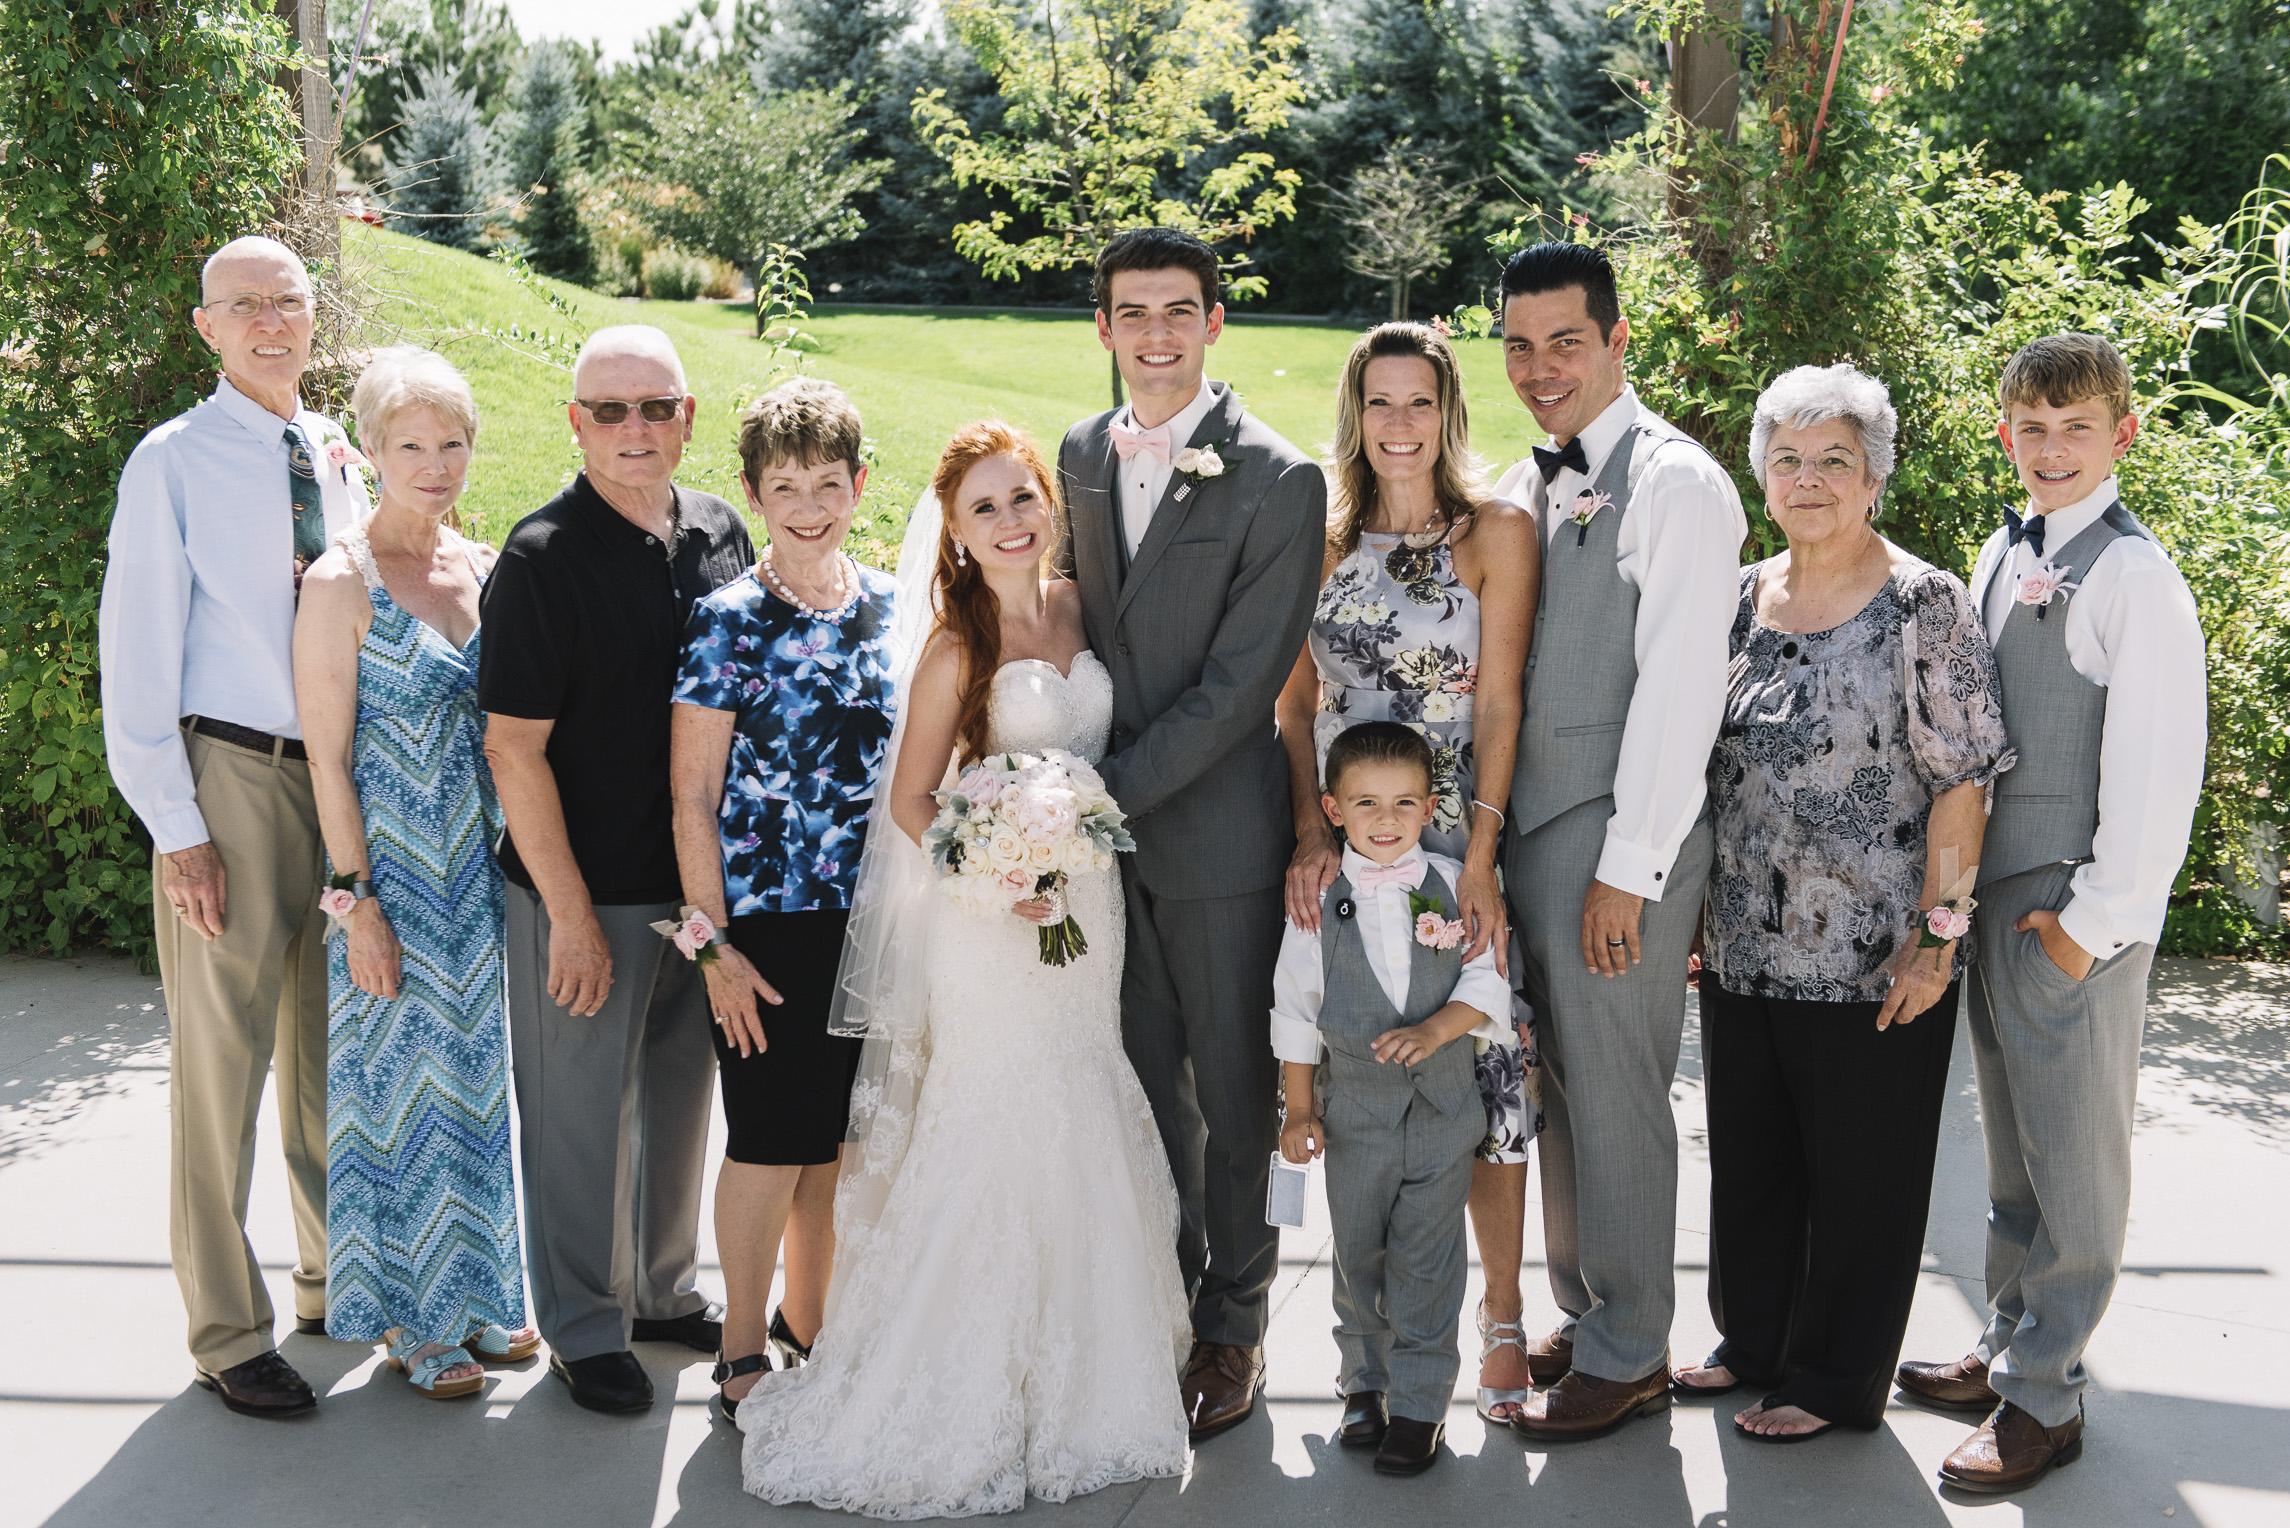 web sized images -- no to print --CALVIN & MCKYLEY WEDDING PHOTOS - COLORADO PHOTOGRAPHER - DEBI RAE PHOTOGRAPHY-1214.jpg